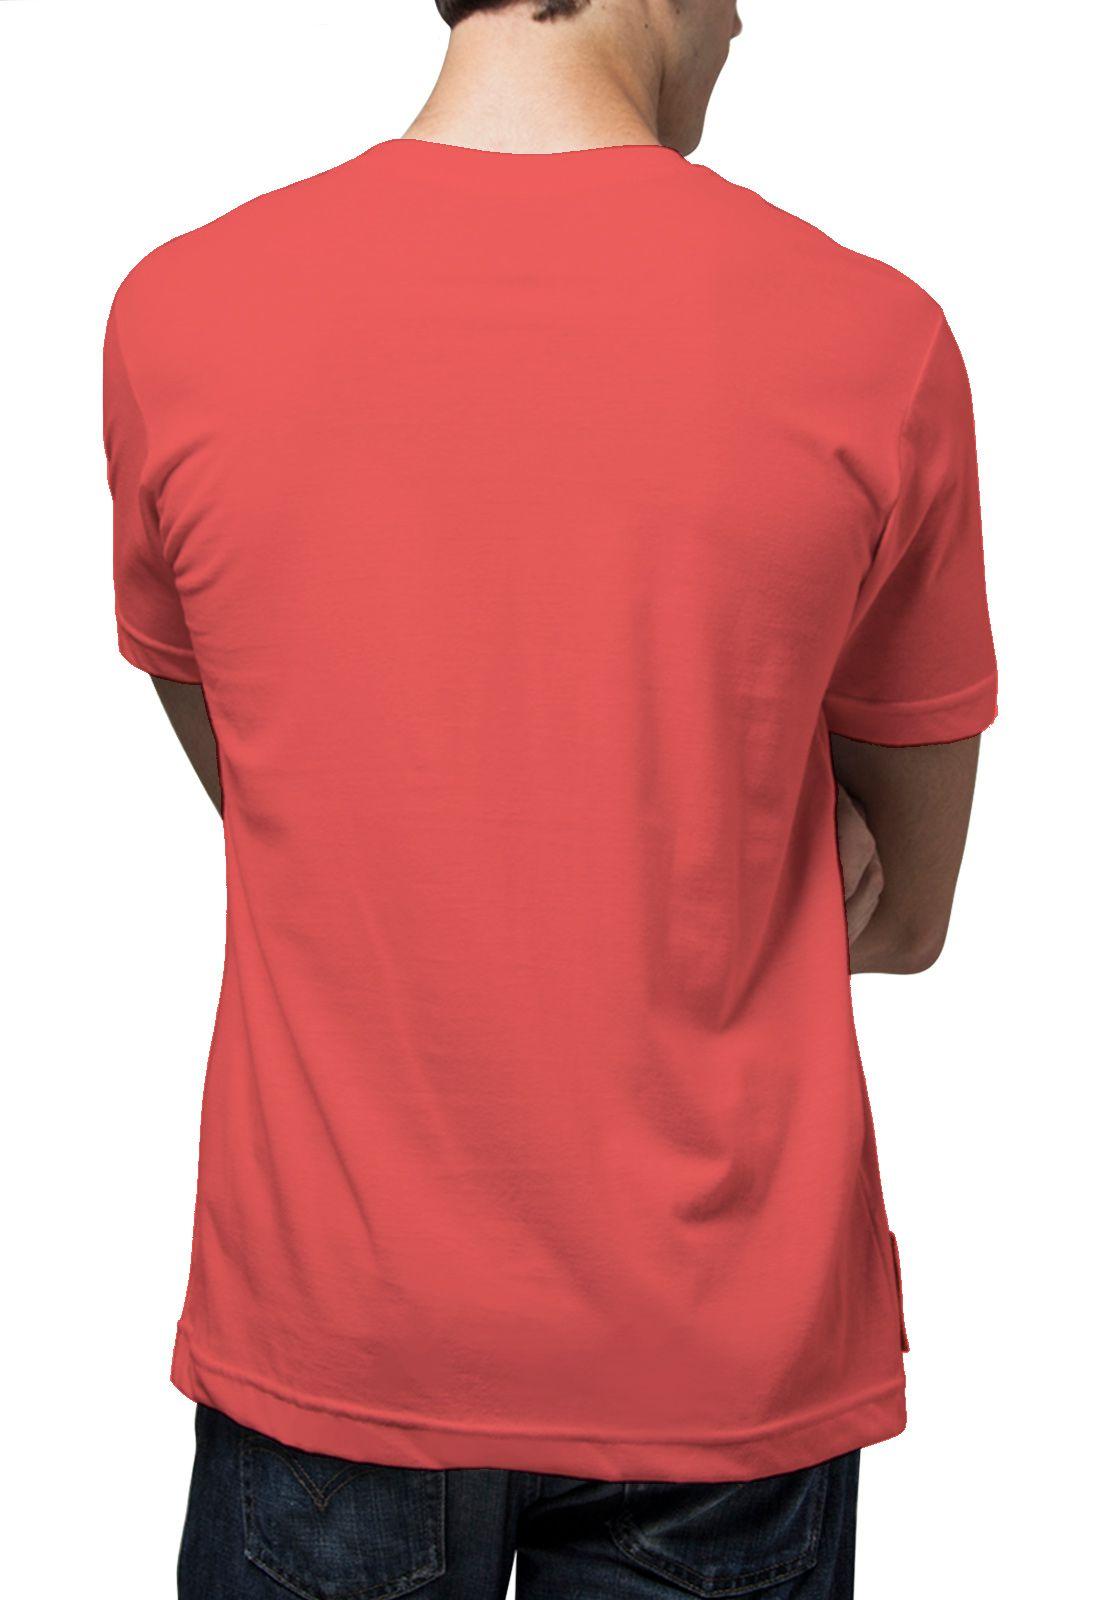 Camiseta Amazônia Tour de France - Vermelho